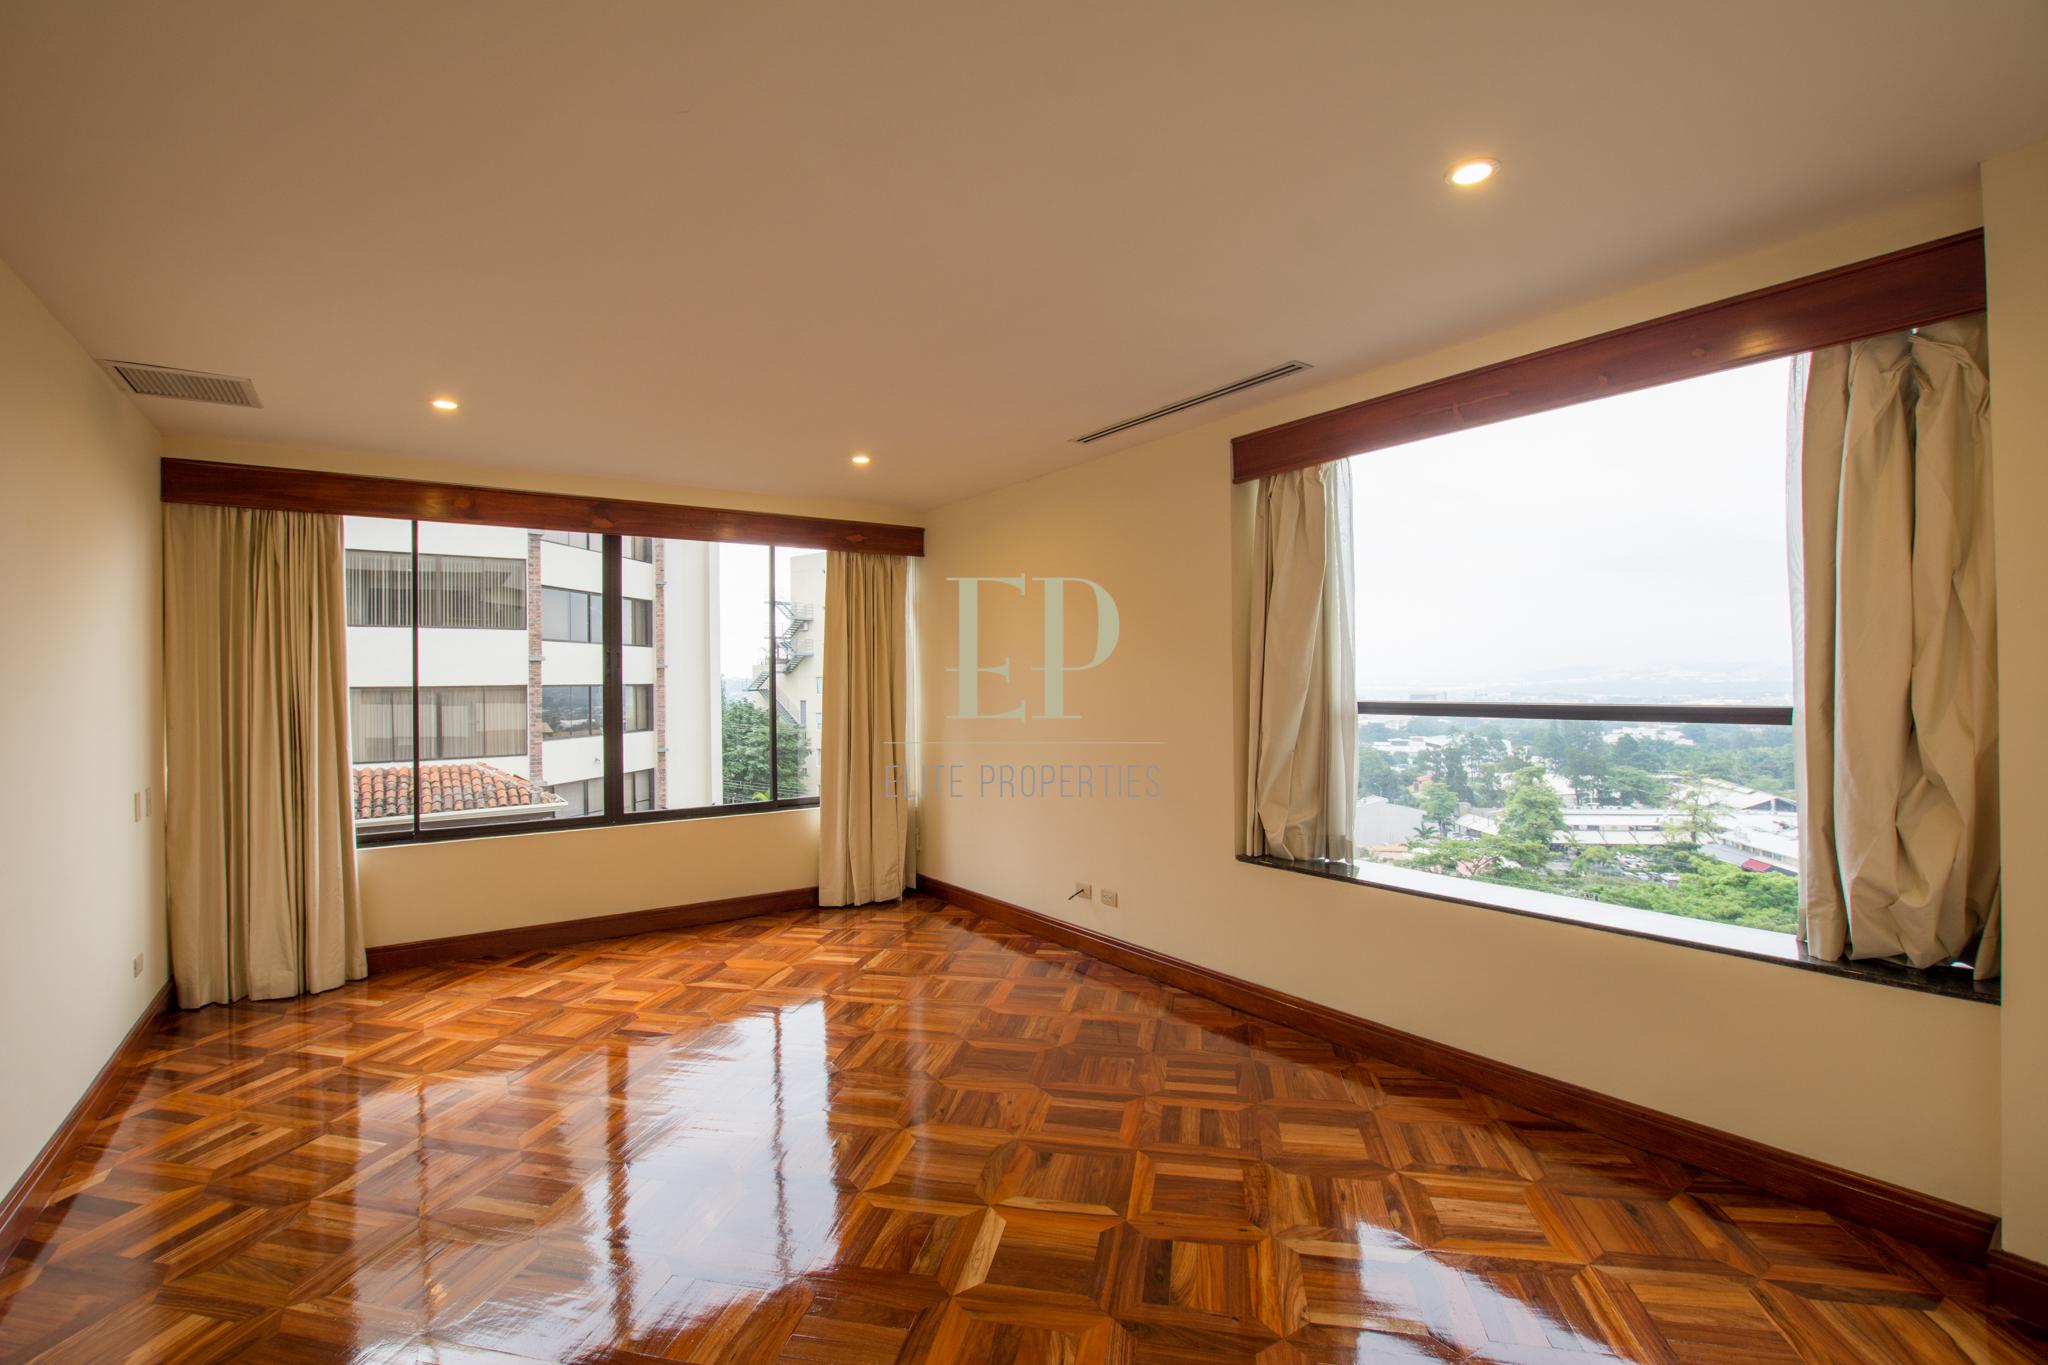 Spacious apartment on the 4th floor in Escazu